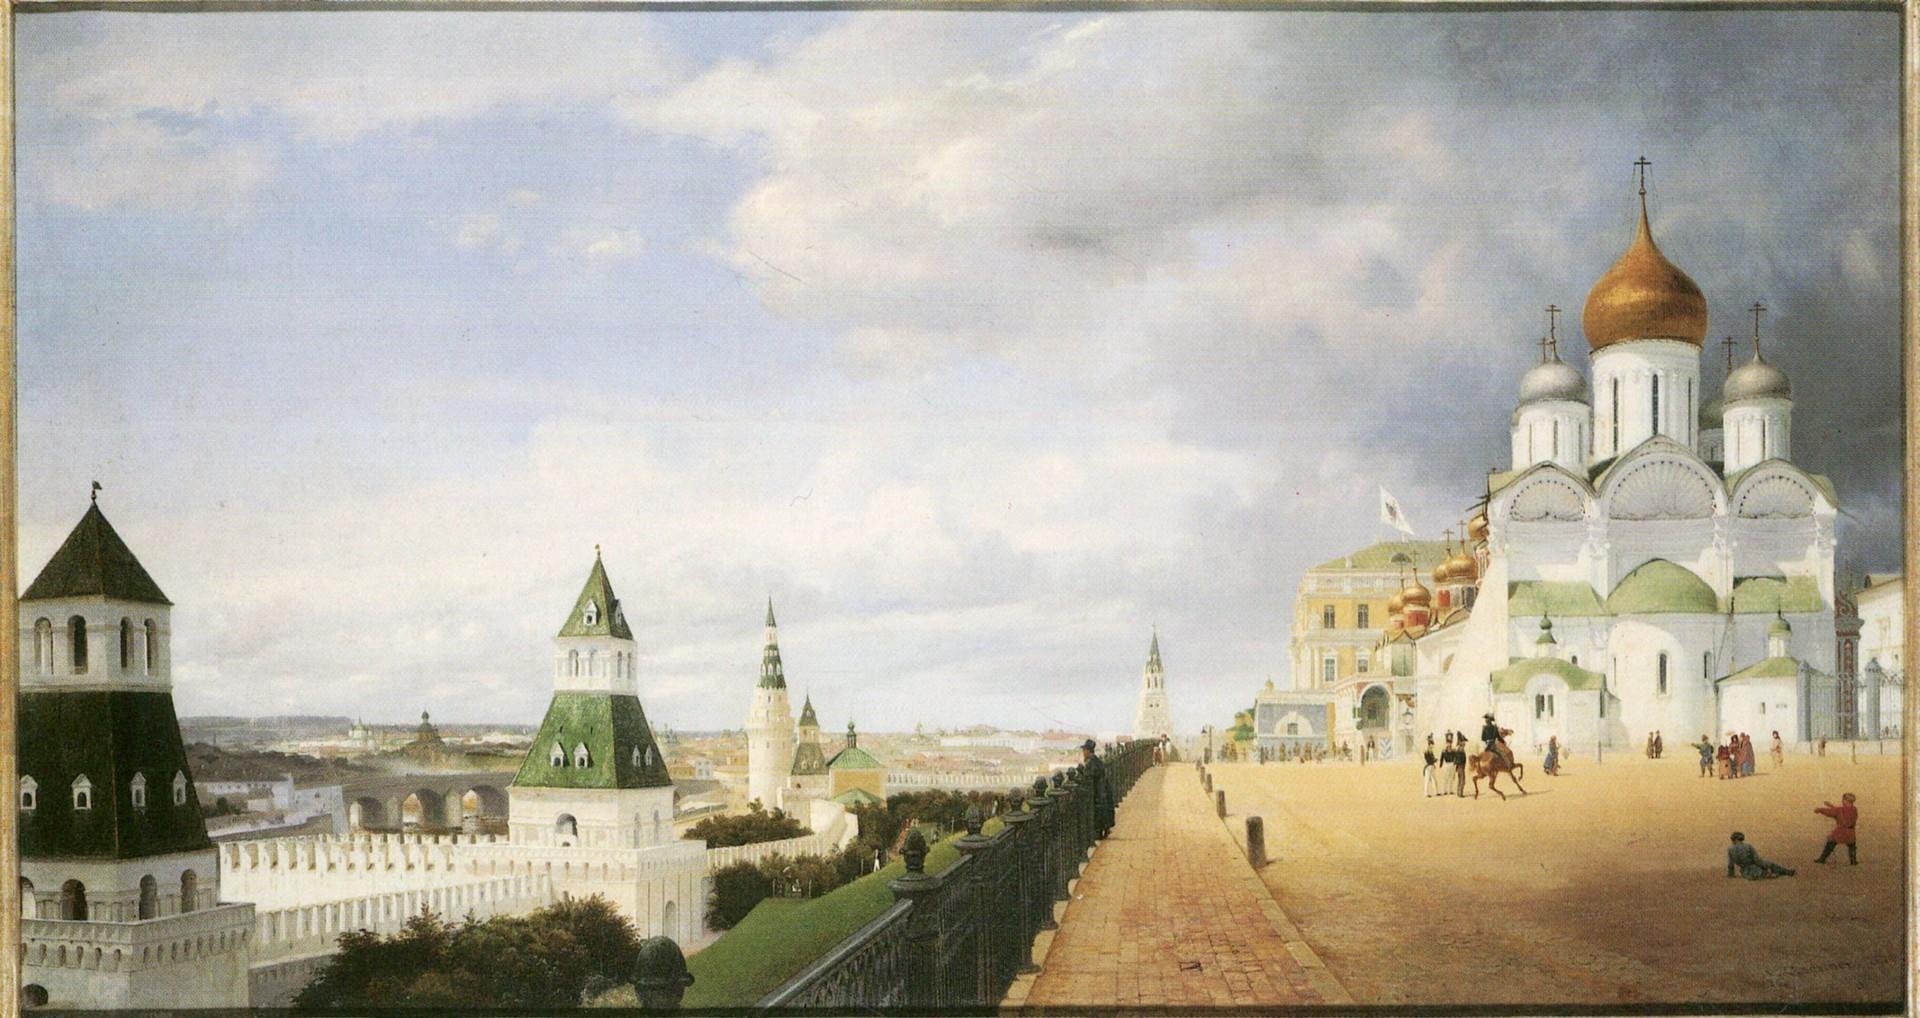 Московскиот Кремљ од бела вар